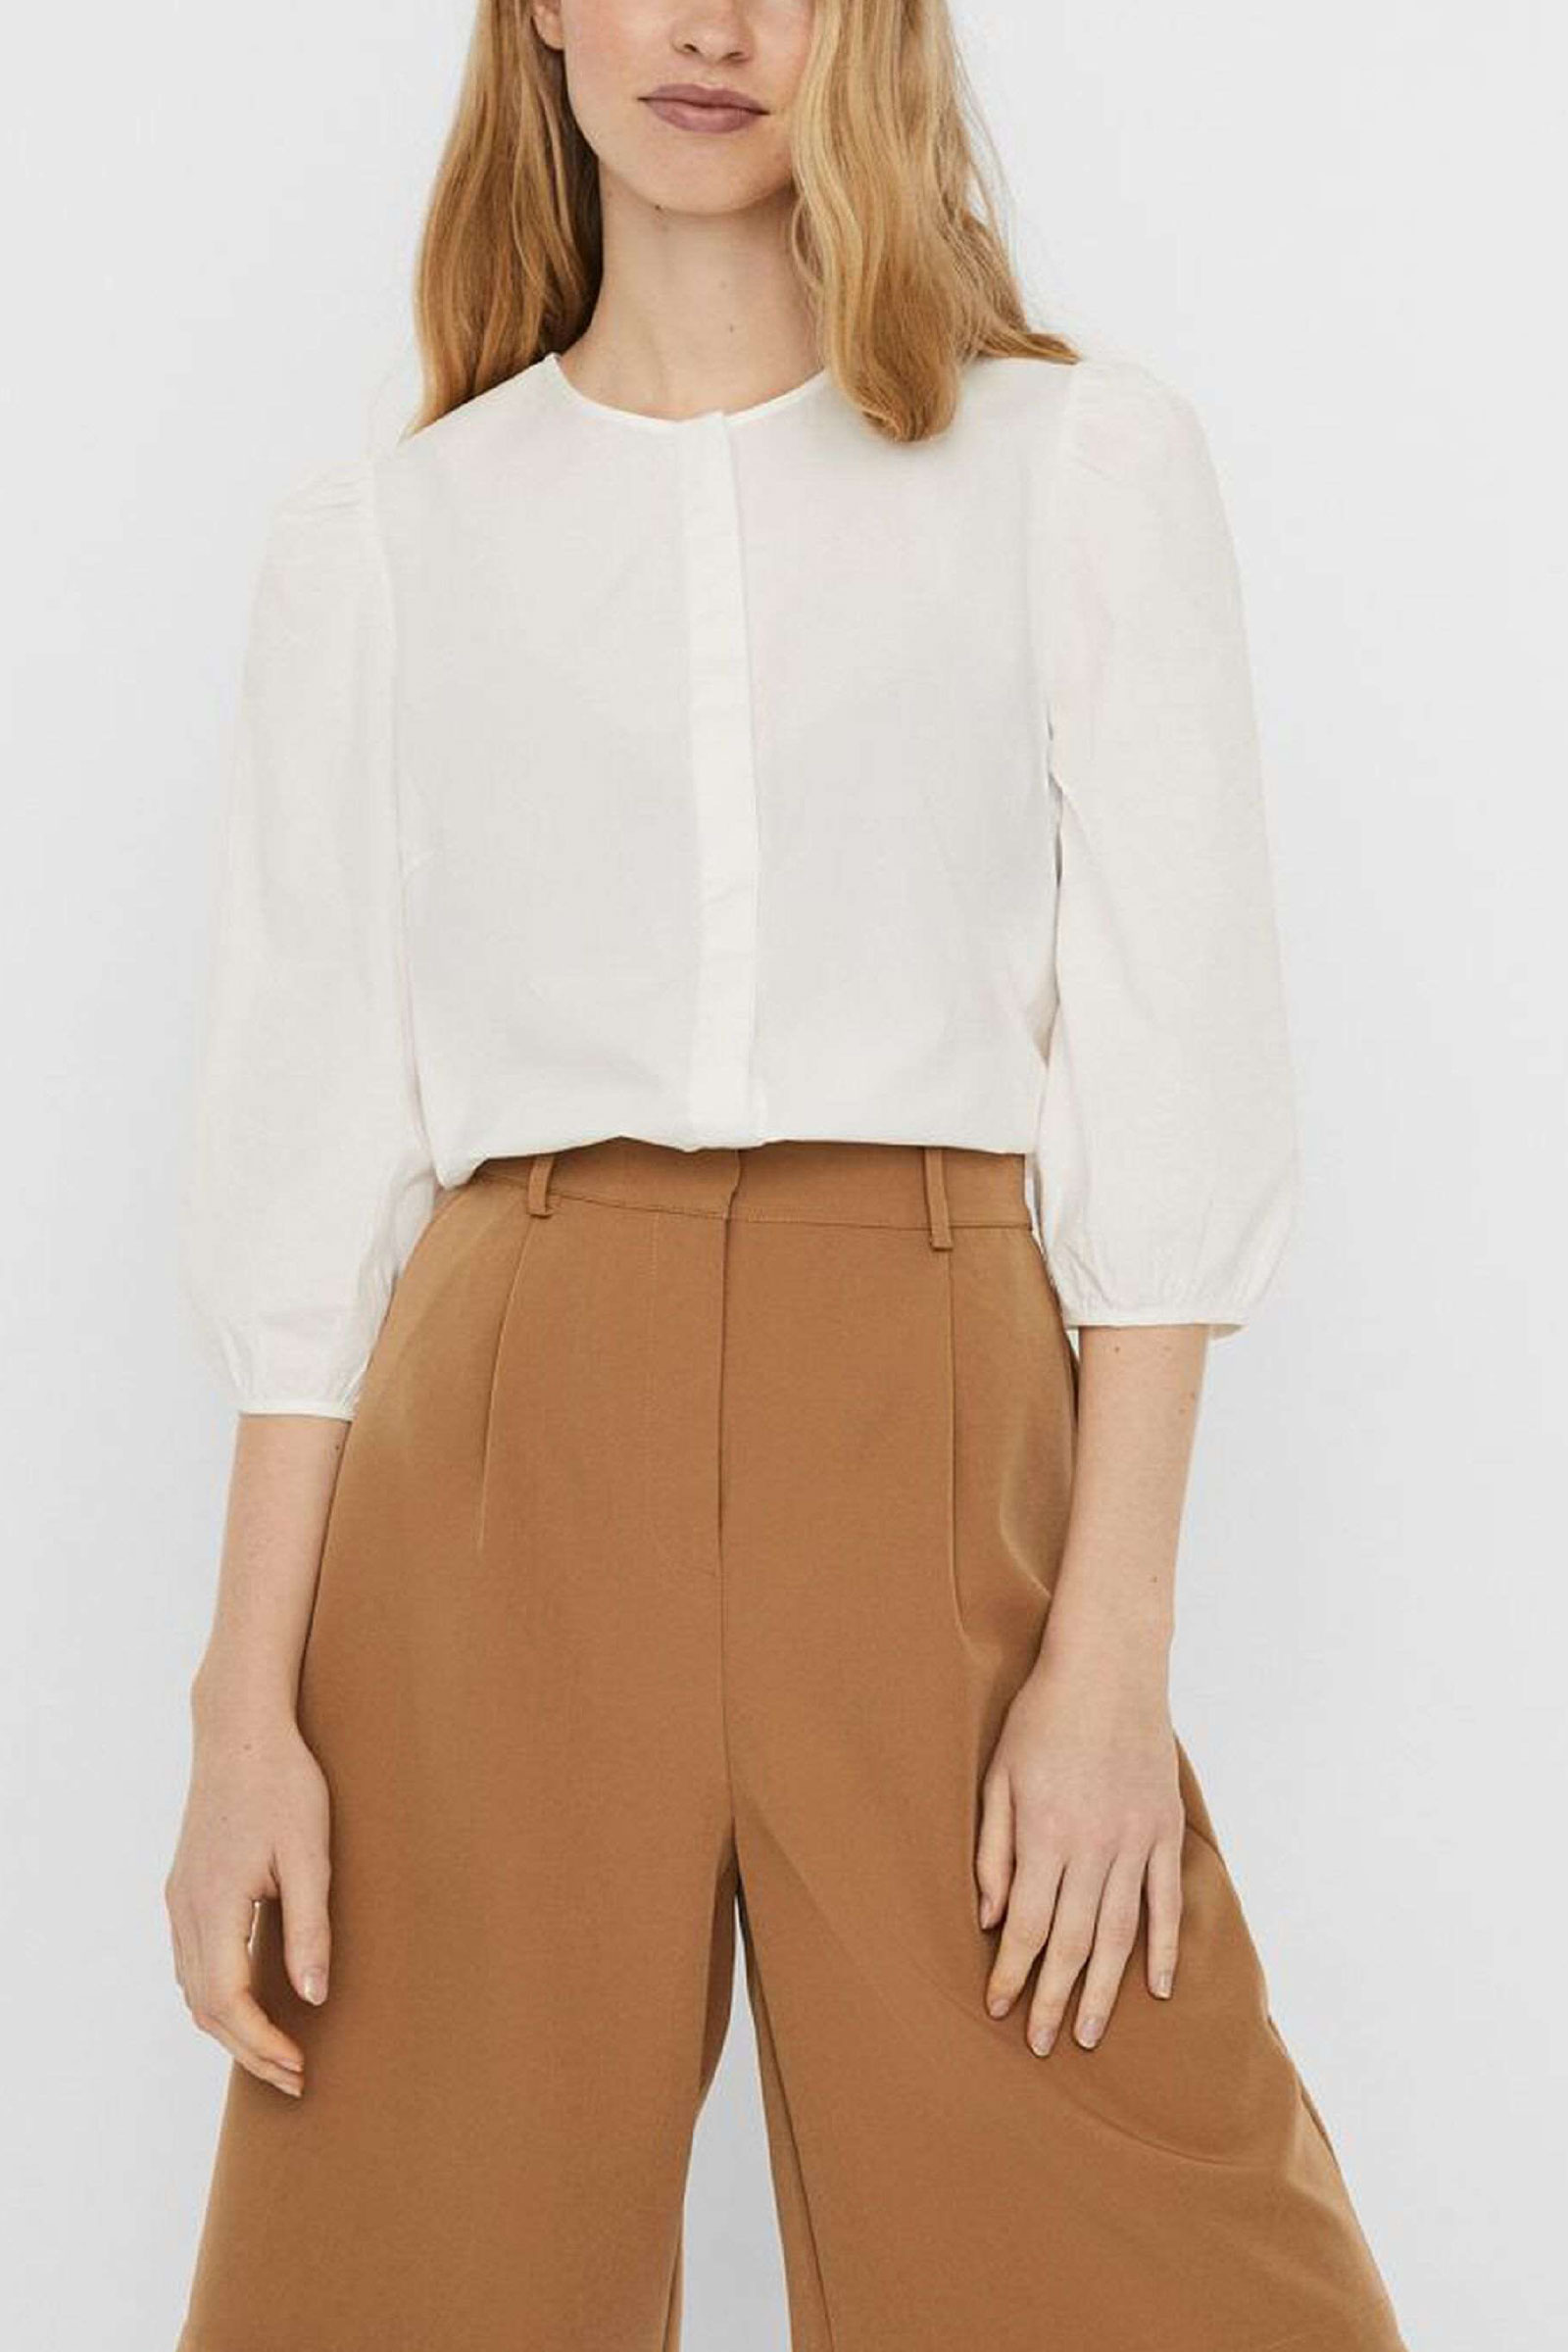 VERO MODA Camicia Woman VERO MODA   Shirt   10245050Snow White